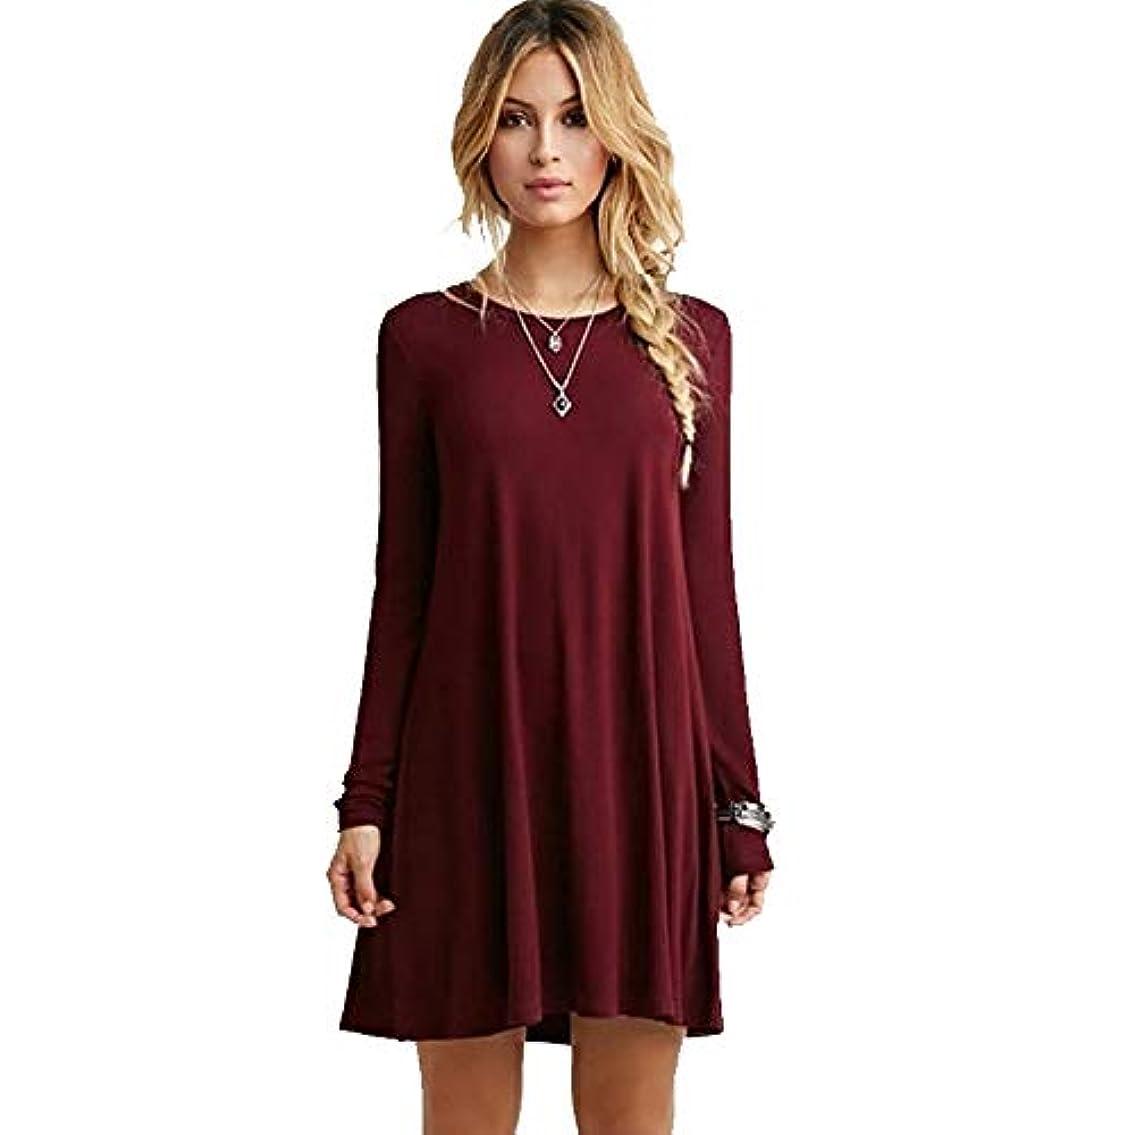 させるトロリーダムMIFANルースドレス、プラスサイズのドレス、長袖のドレス、女性のドレス、秋のドレス、マキシドレス、コットンドレス